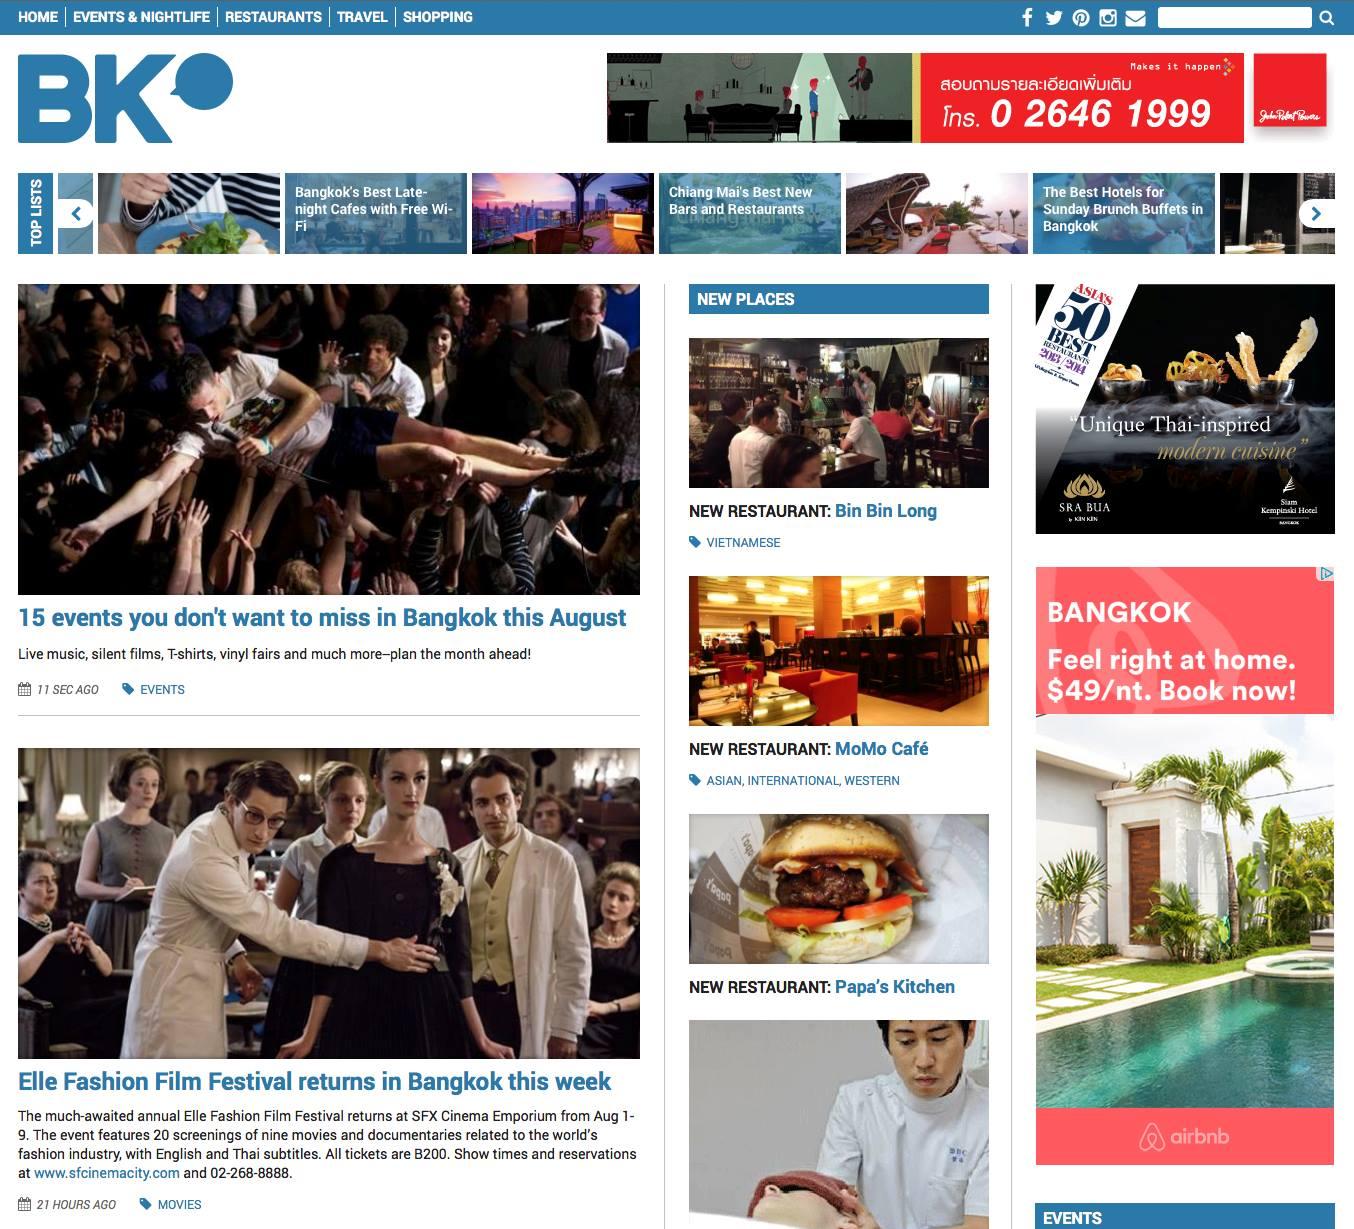 BKmagazine.com